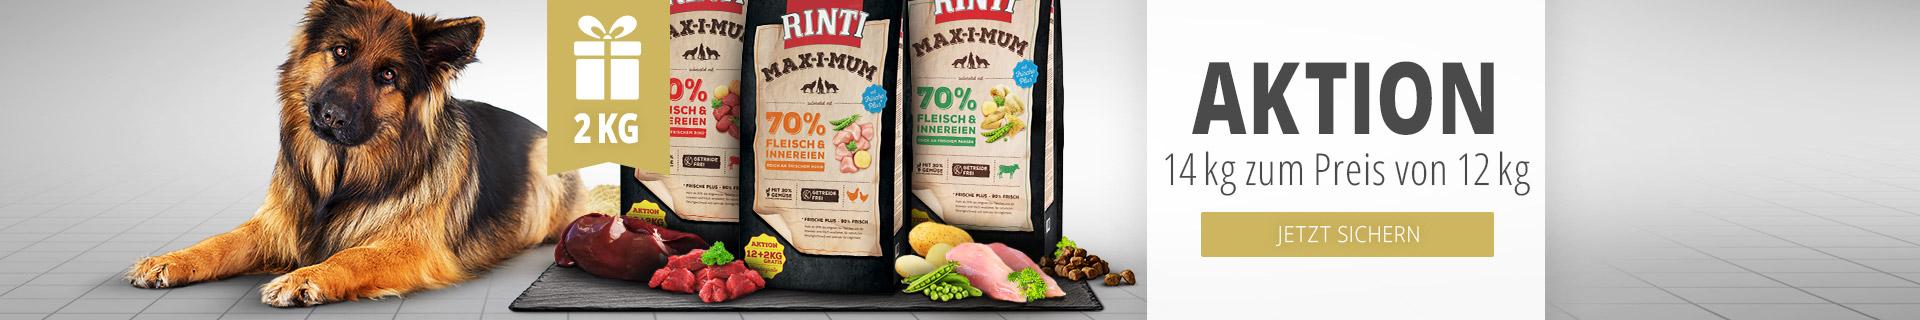 Rinti Trockenfutter Aktion - 14kg zum Preis von 12kg